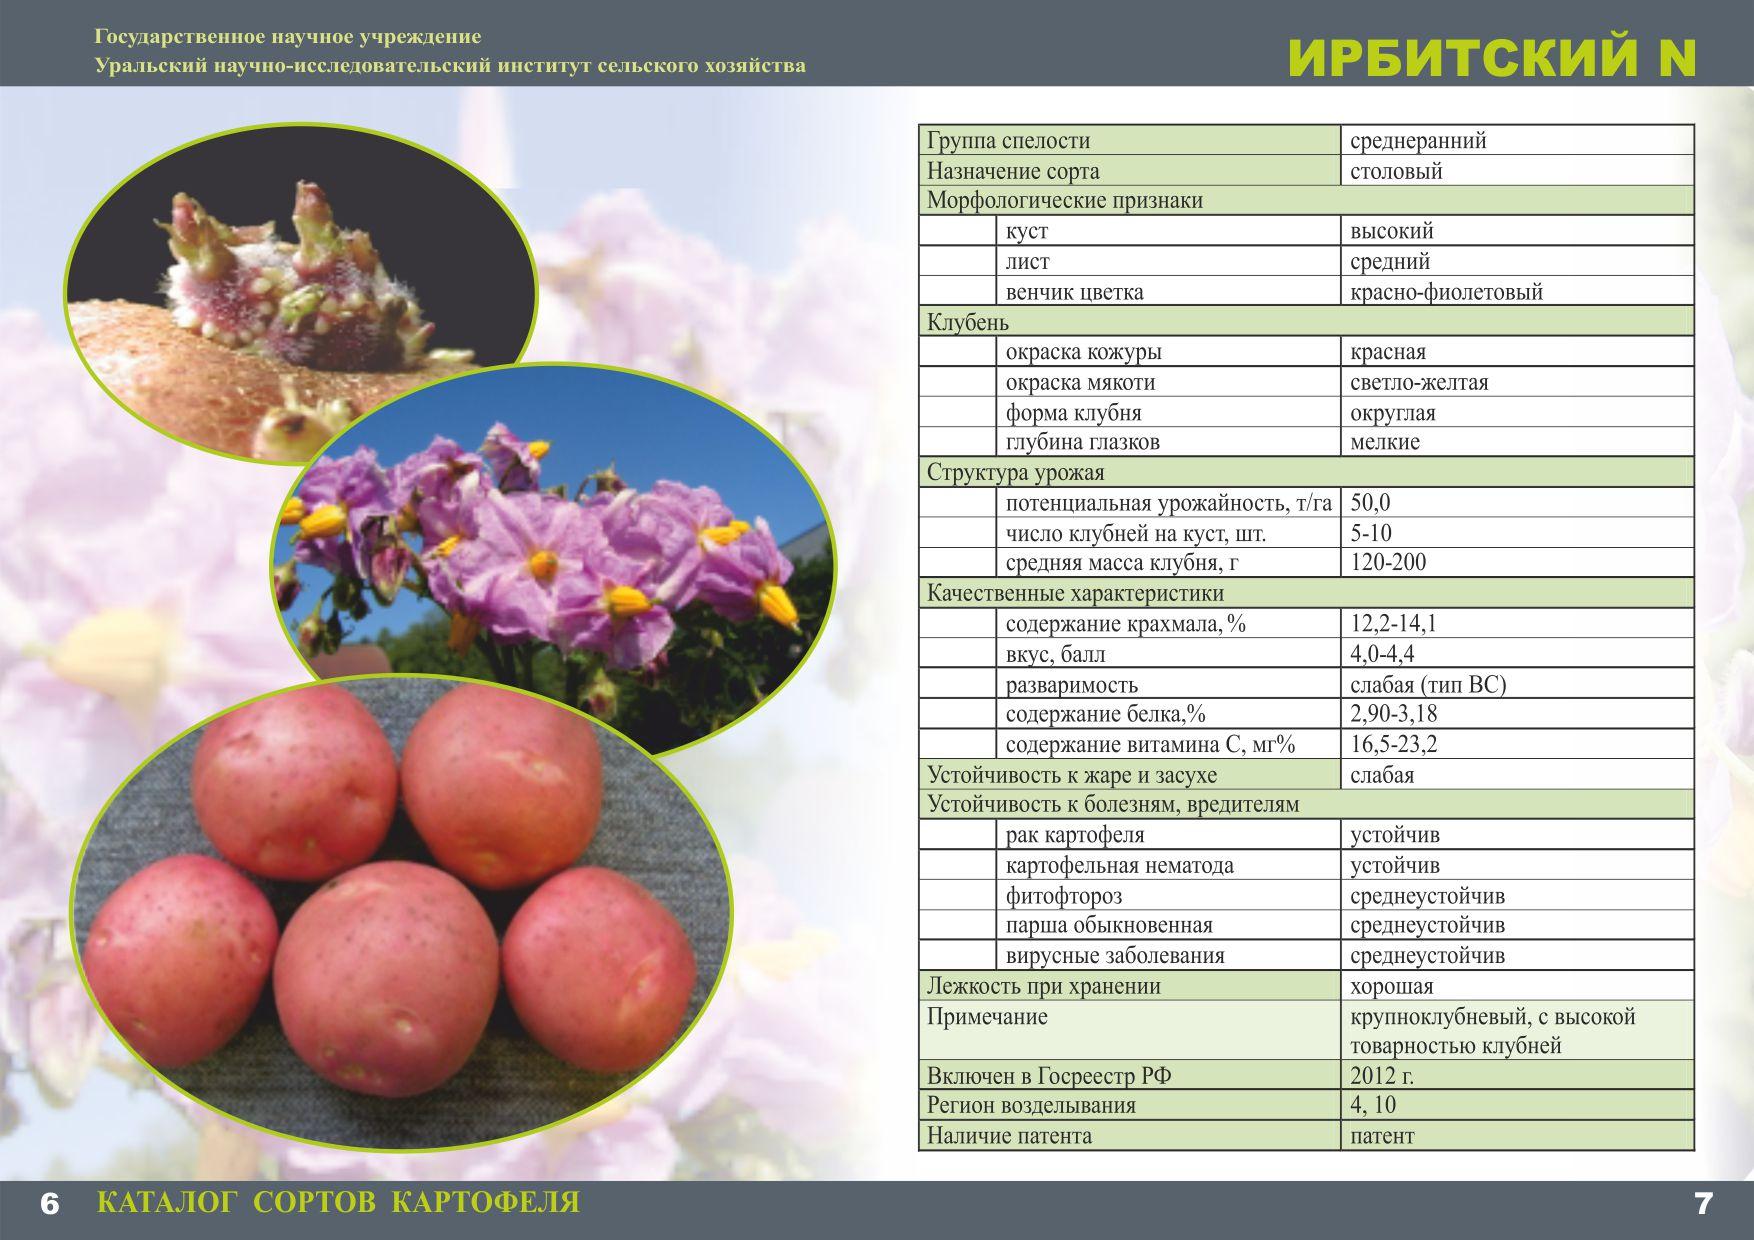 каталог сортов картофеля с фото и описанием архипелага является вулкан